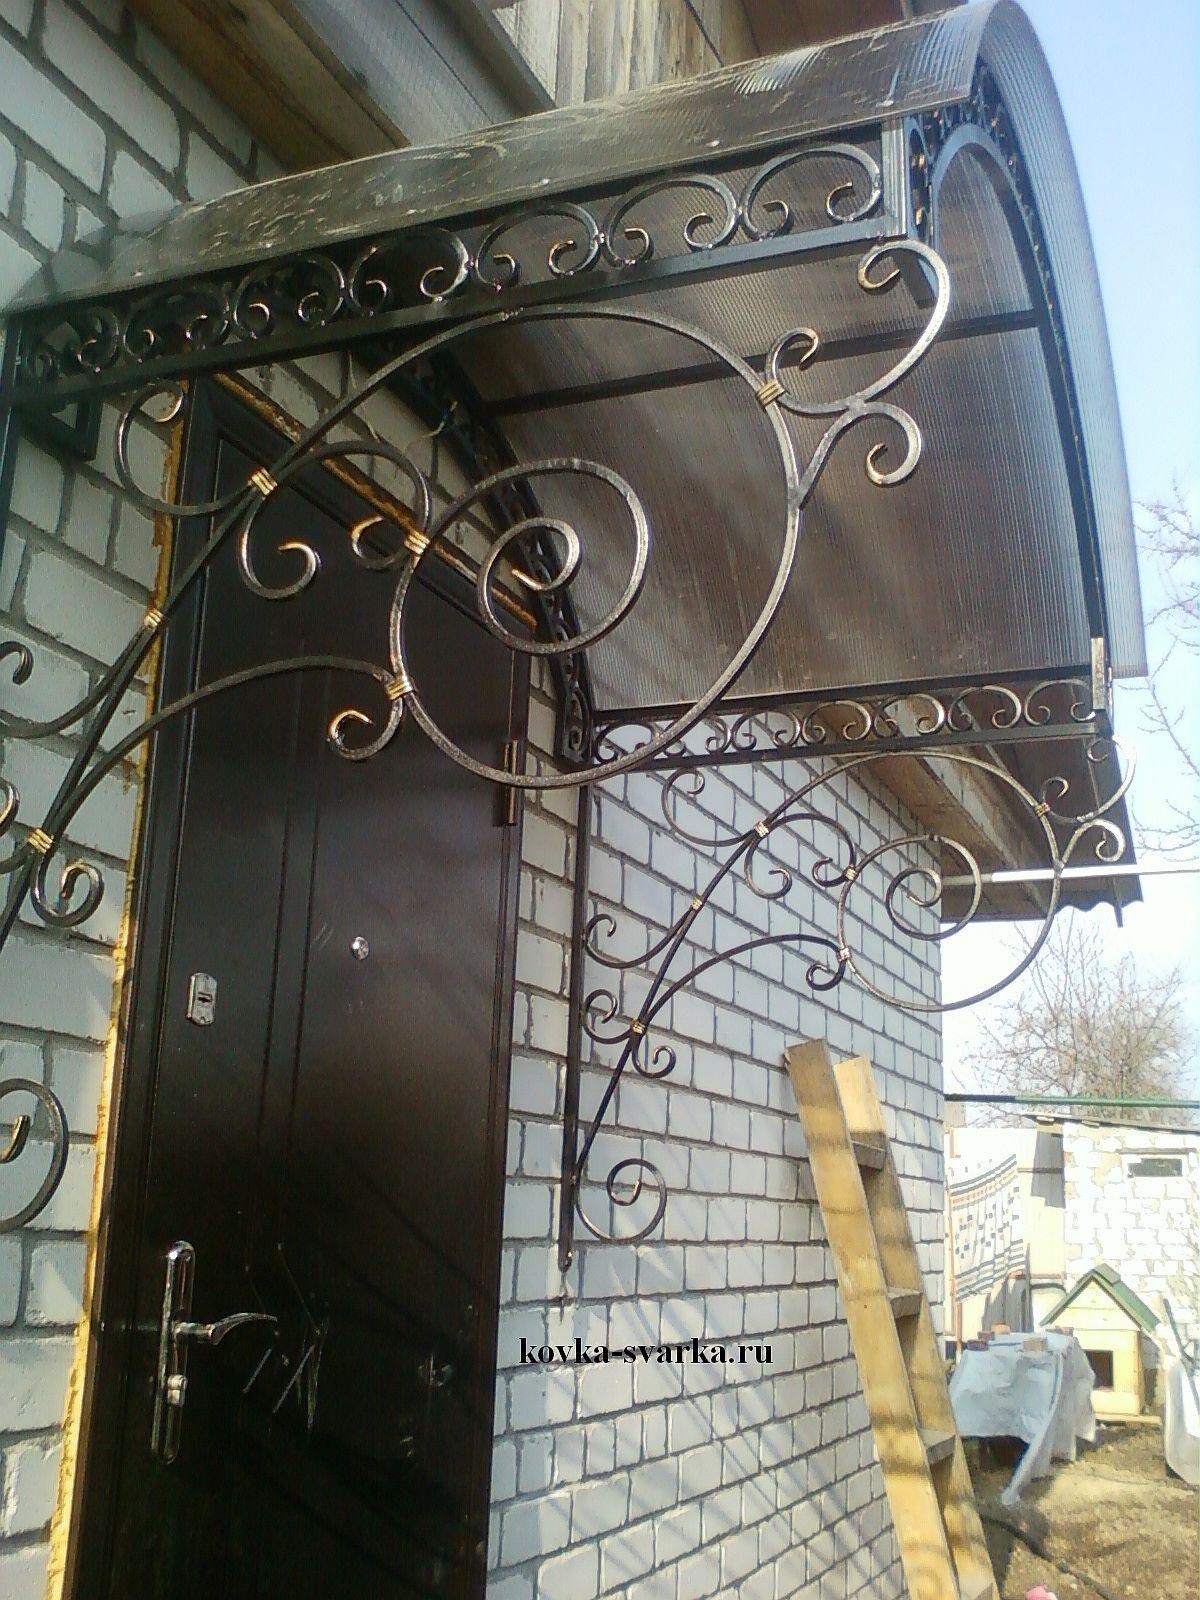 Фото кованых козырьков: над дверями, над входом, крыльцом, односкатные, из поликарбоната и прочие; эксклюзивные, холодная и горячая художественная ковка